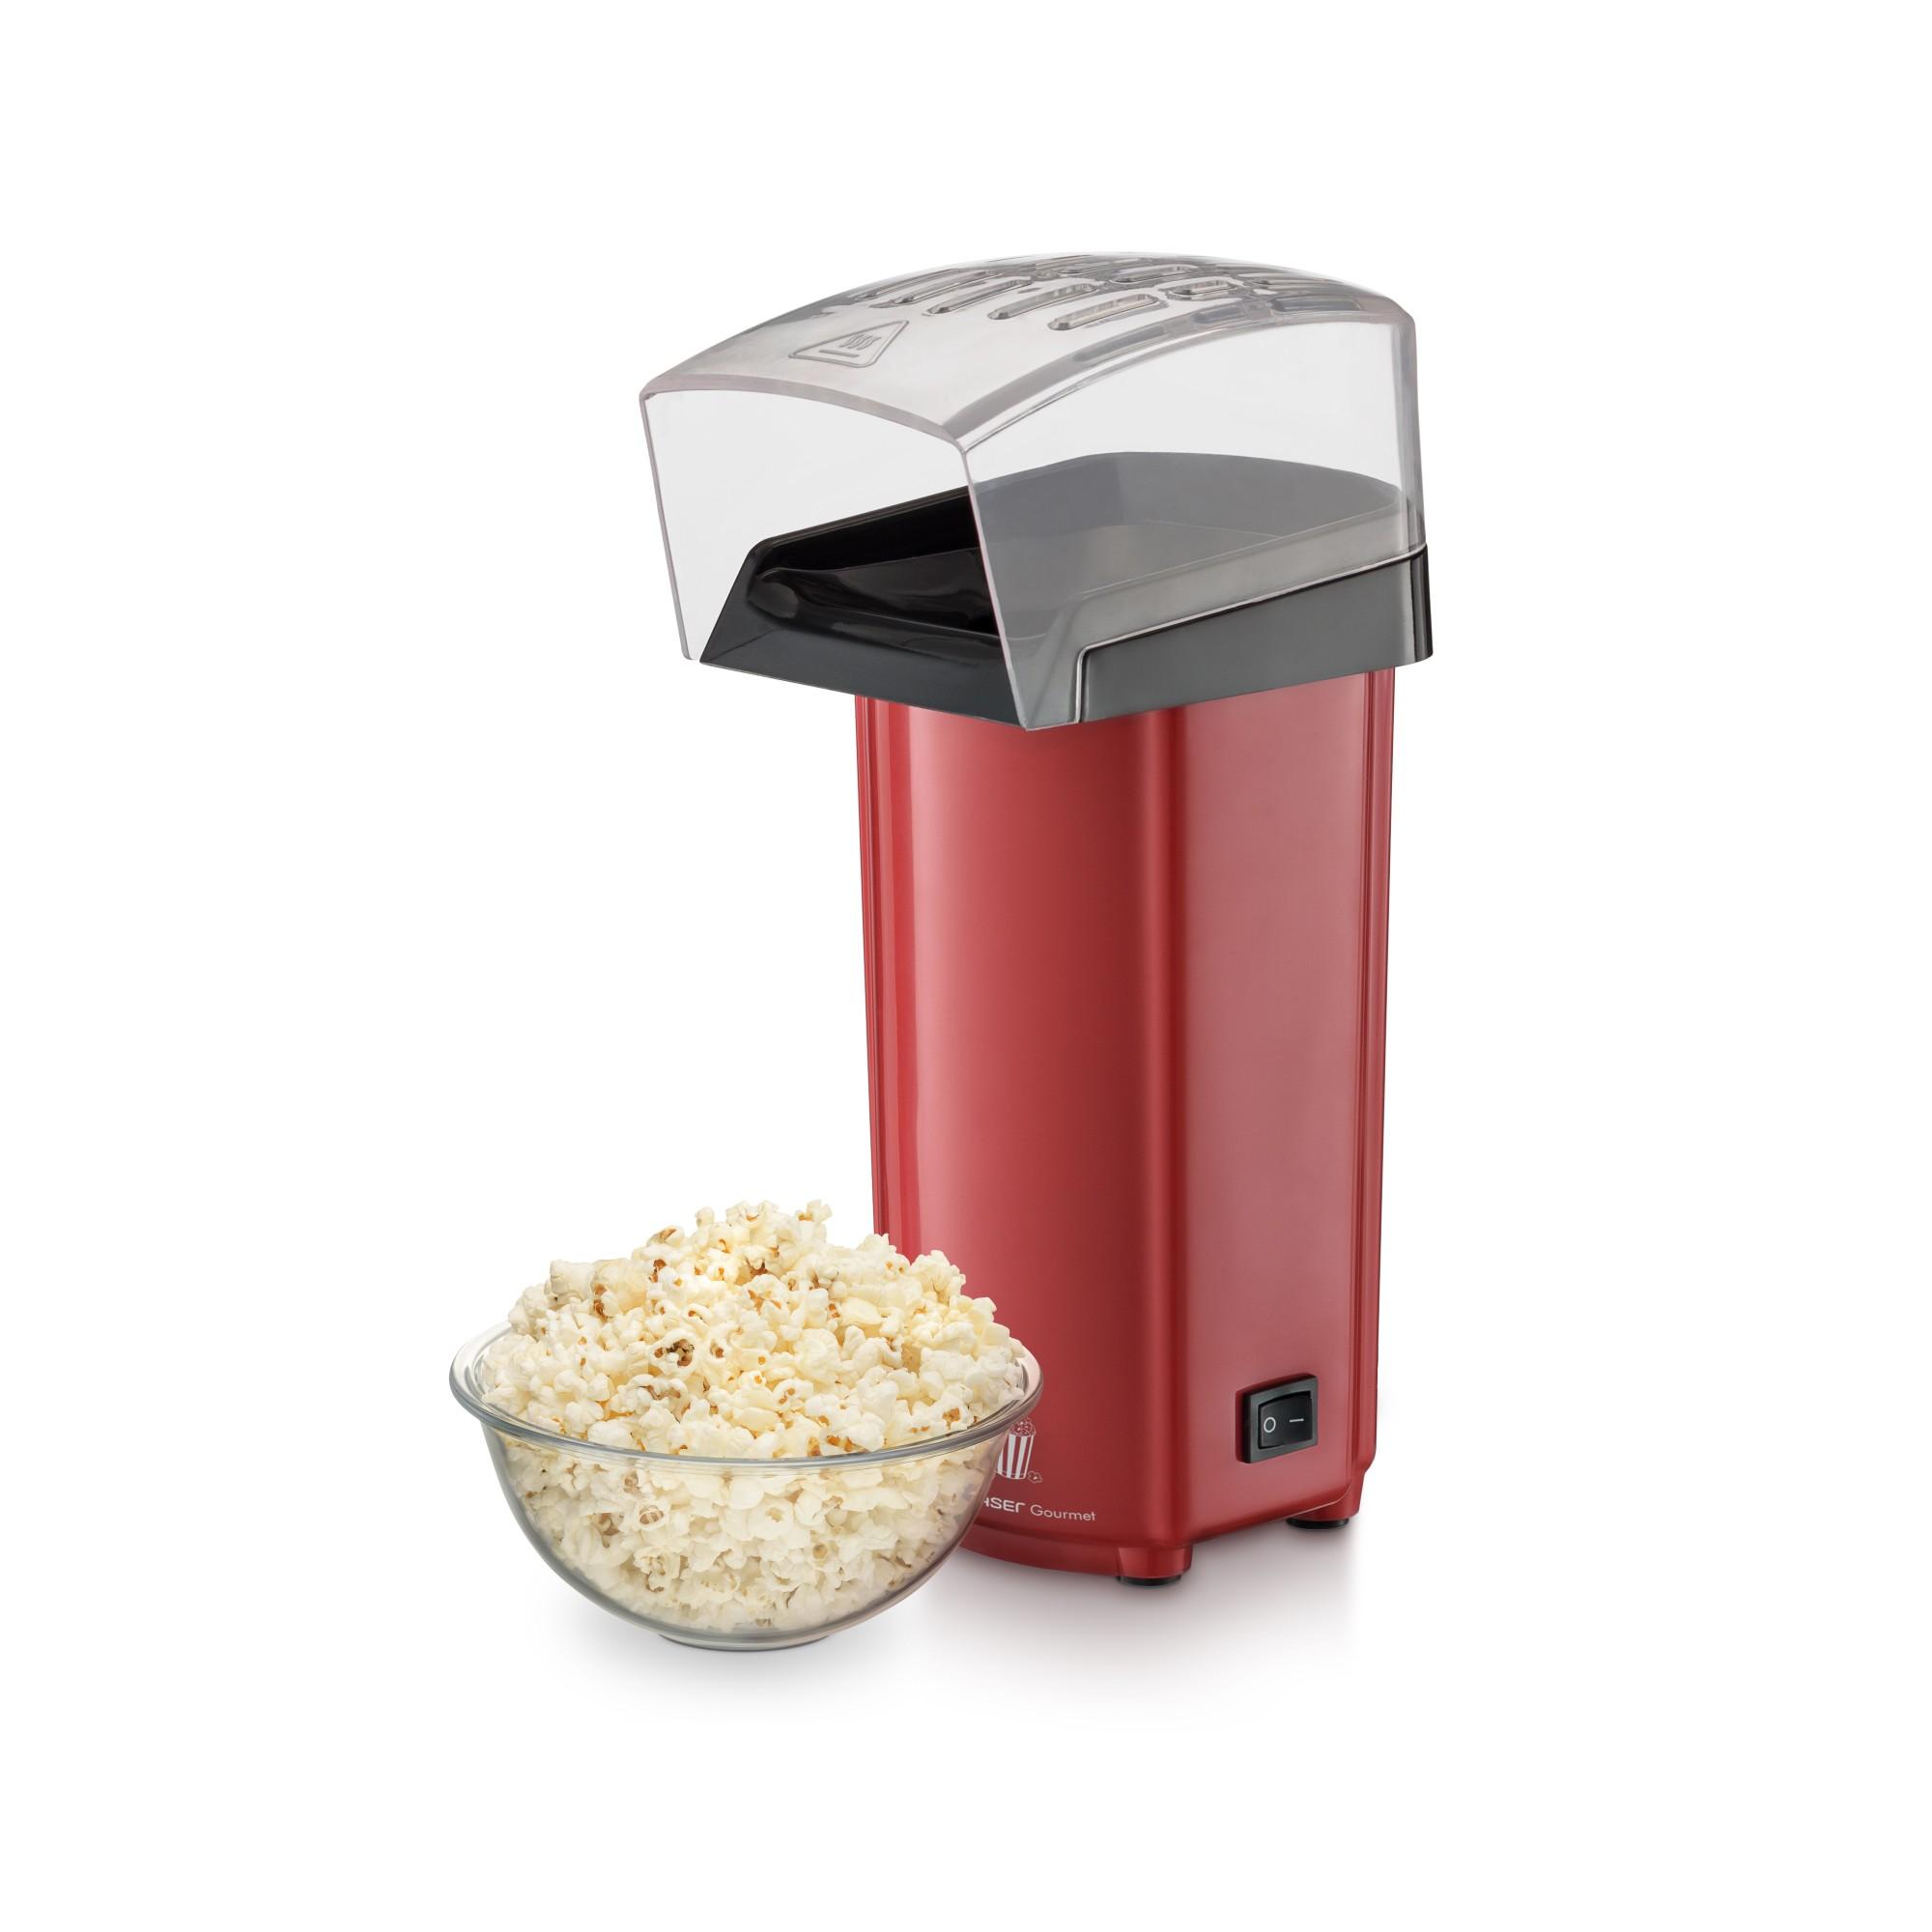 Pipoqueira Eletrica Multilaser Gourmet Vermelha - 220V - CE042